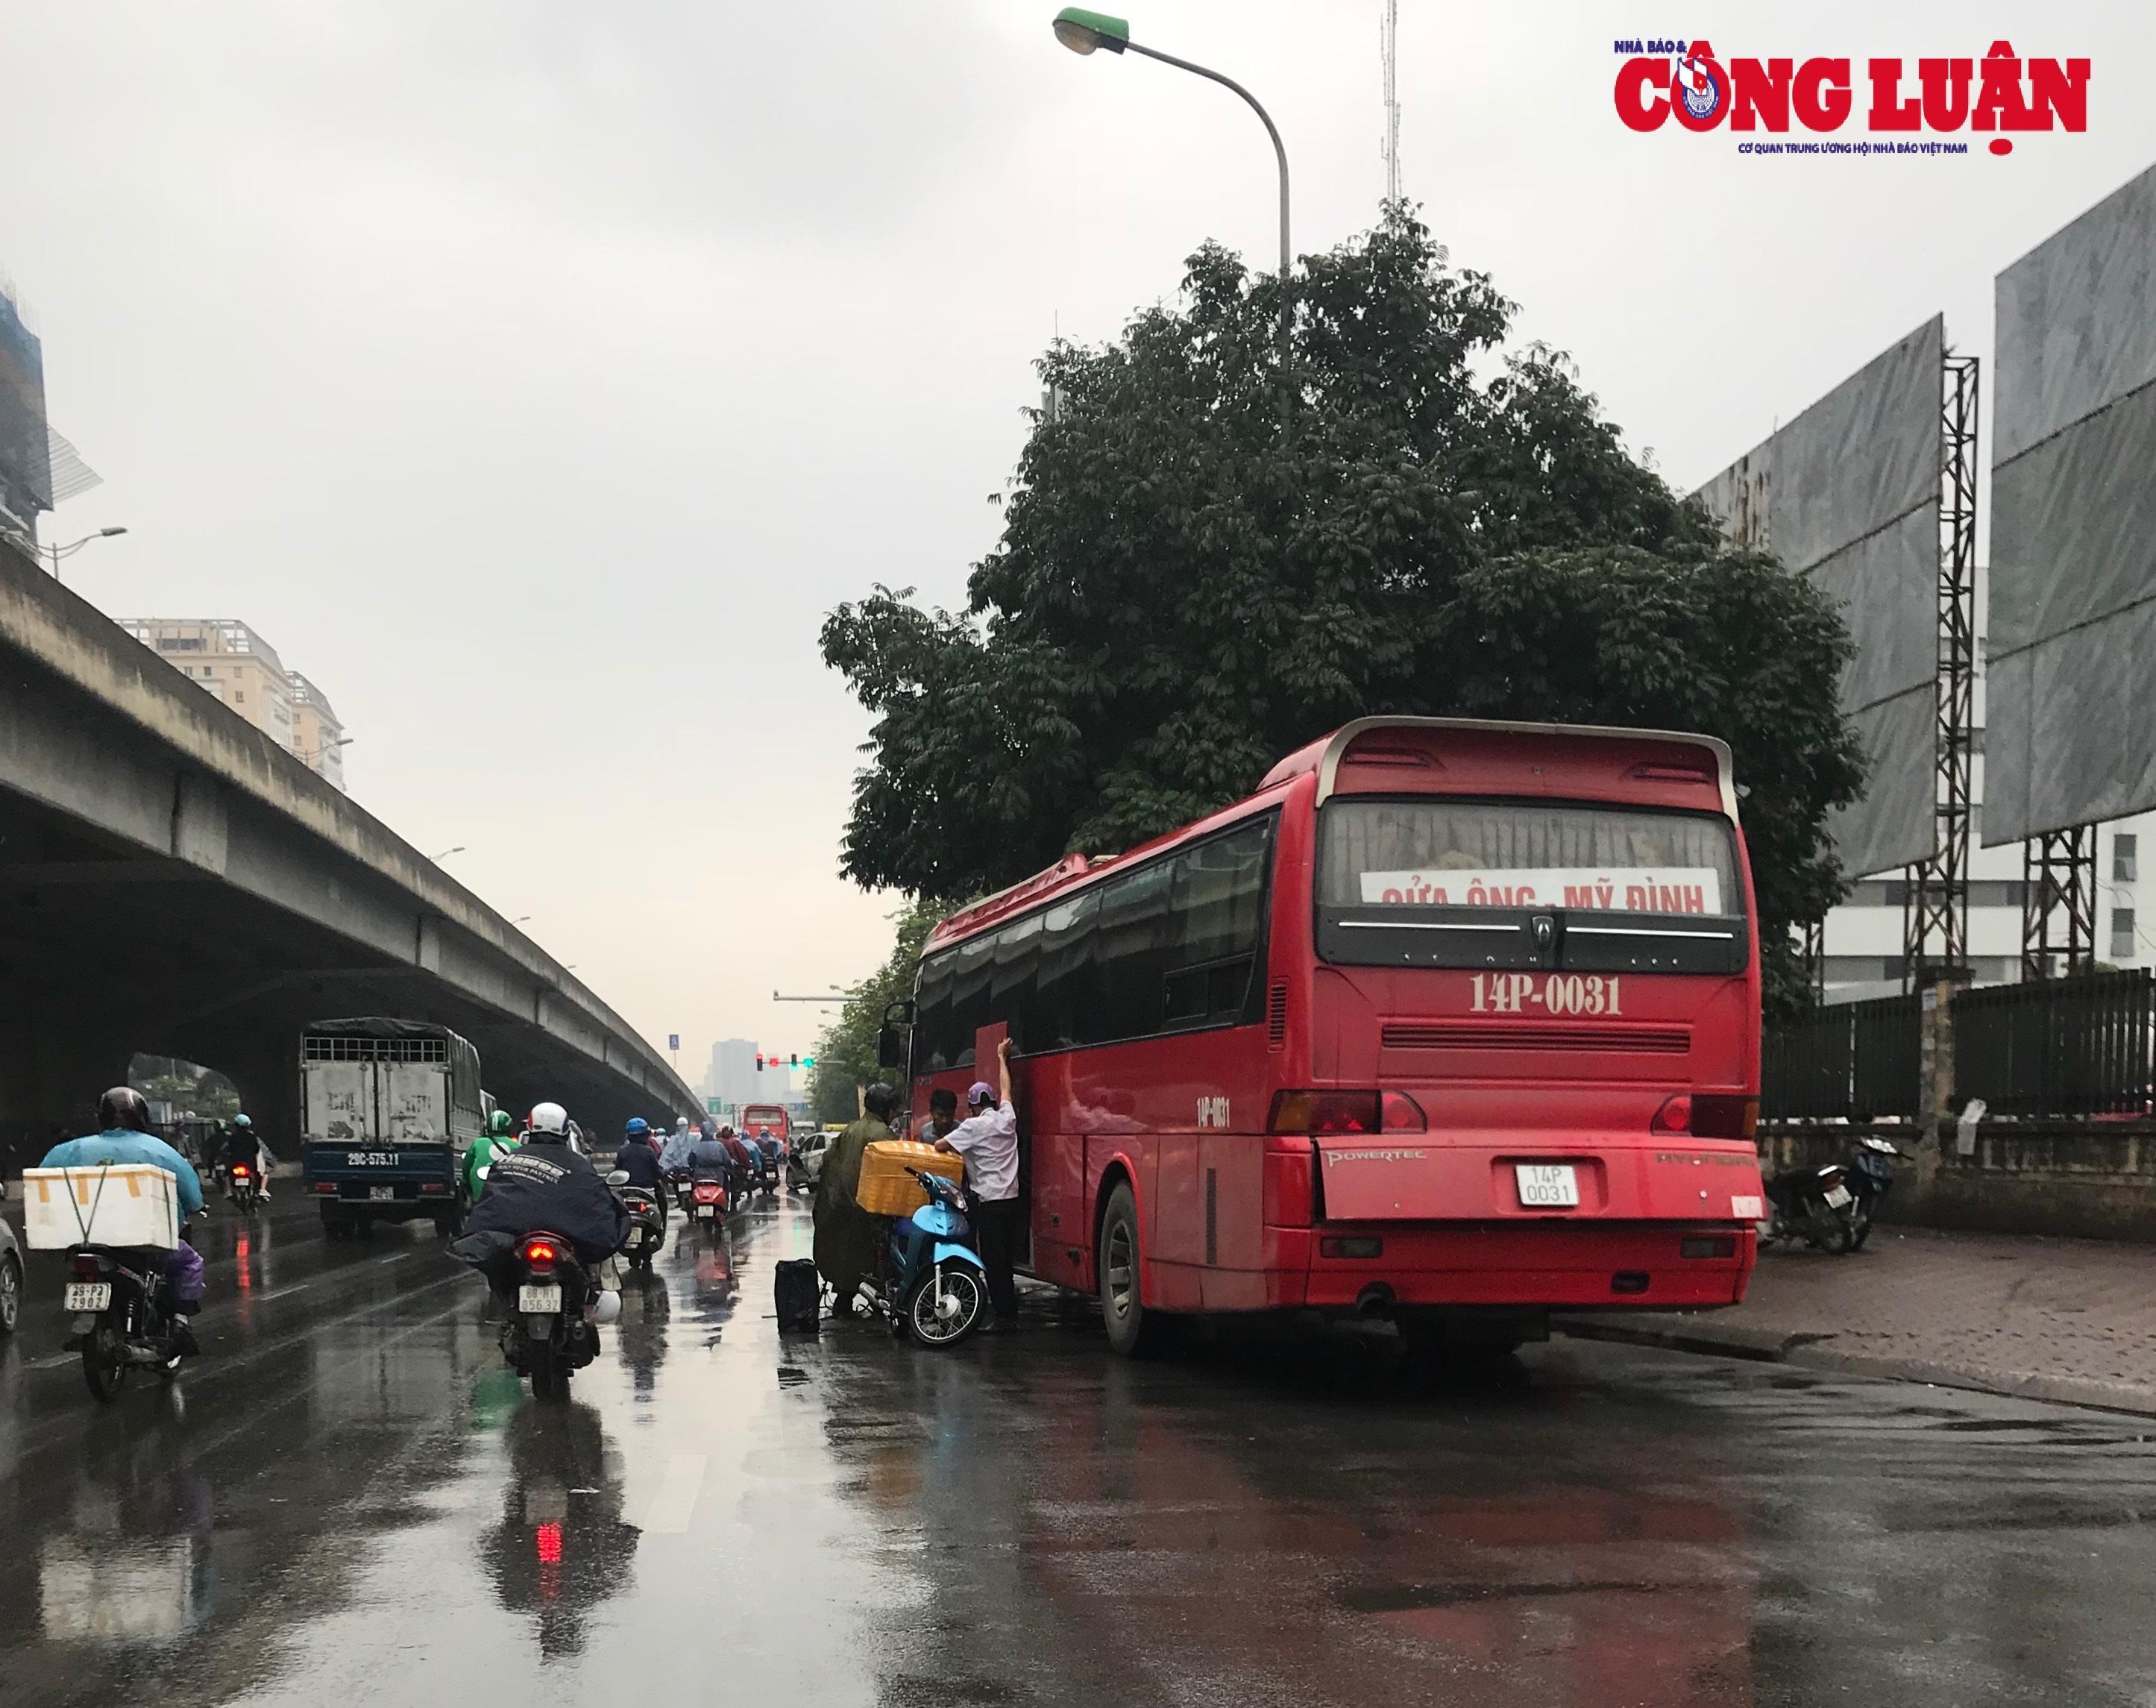 Hà Nội: Xử lý nghiêm xe khách dừng đỗ, di chuyển lòng vòng đón khách tại khu vực Bến xe Mỹ Đình Ảnh 1